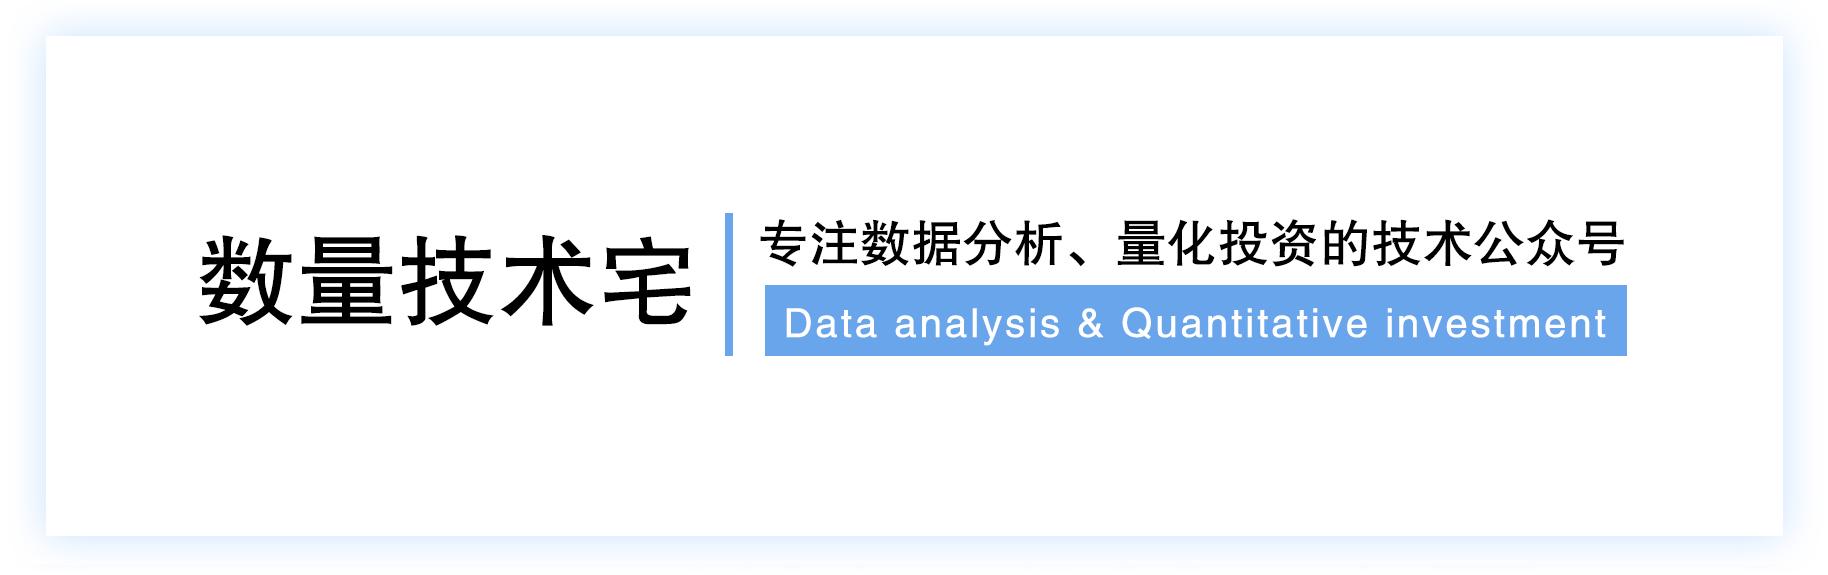 实时获取股票数据,免费!——Python爬虫Sina Stock实战